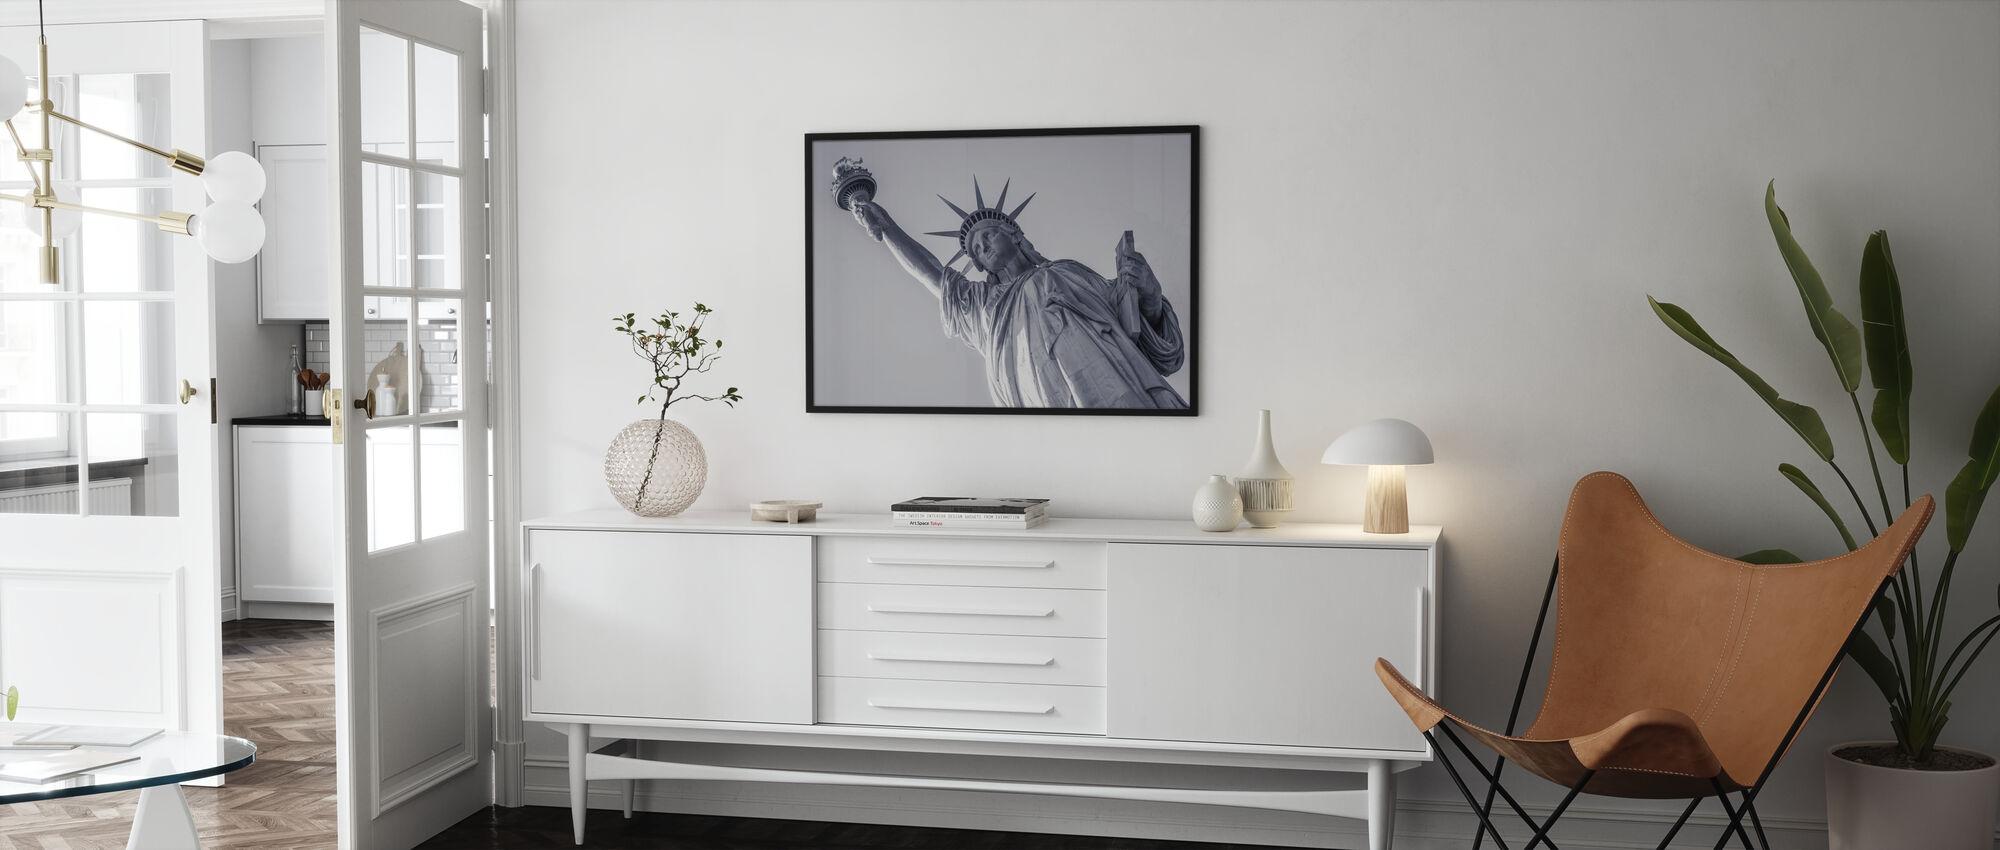 Vrijheidsbeeld - Ingelijste print - Woonkamer